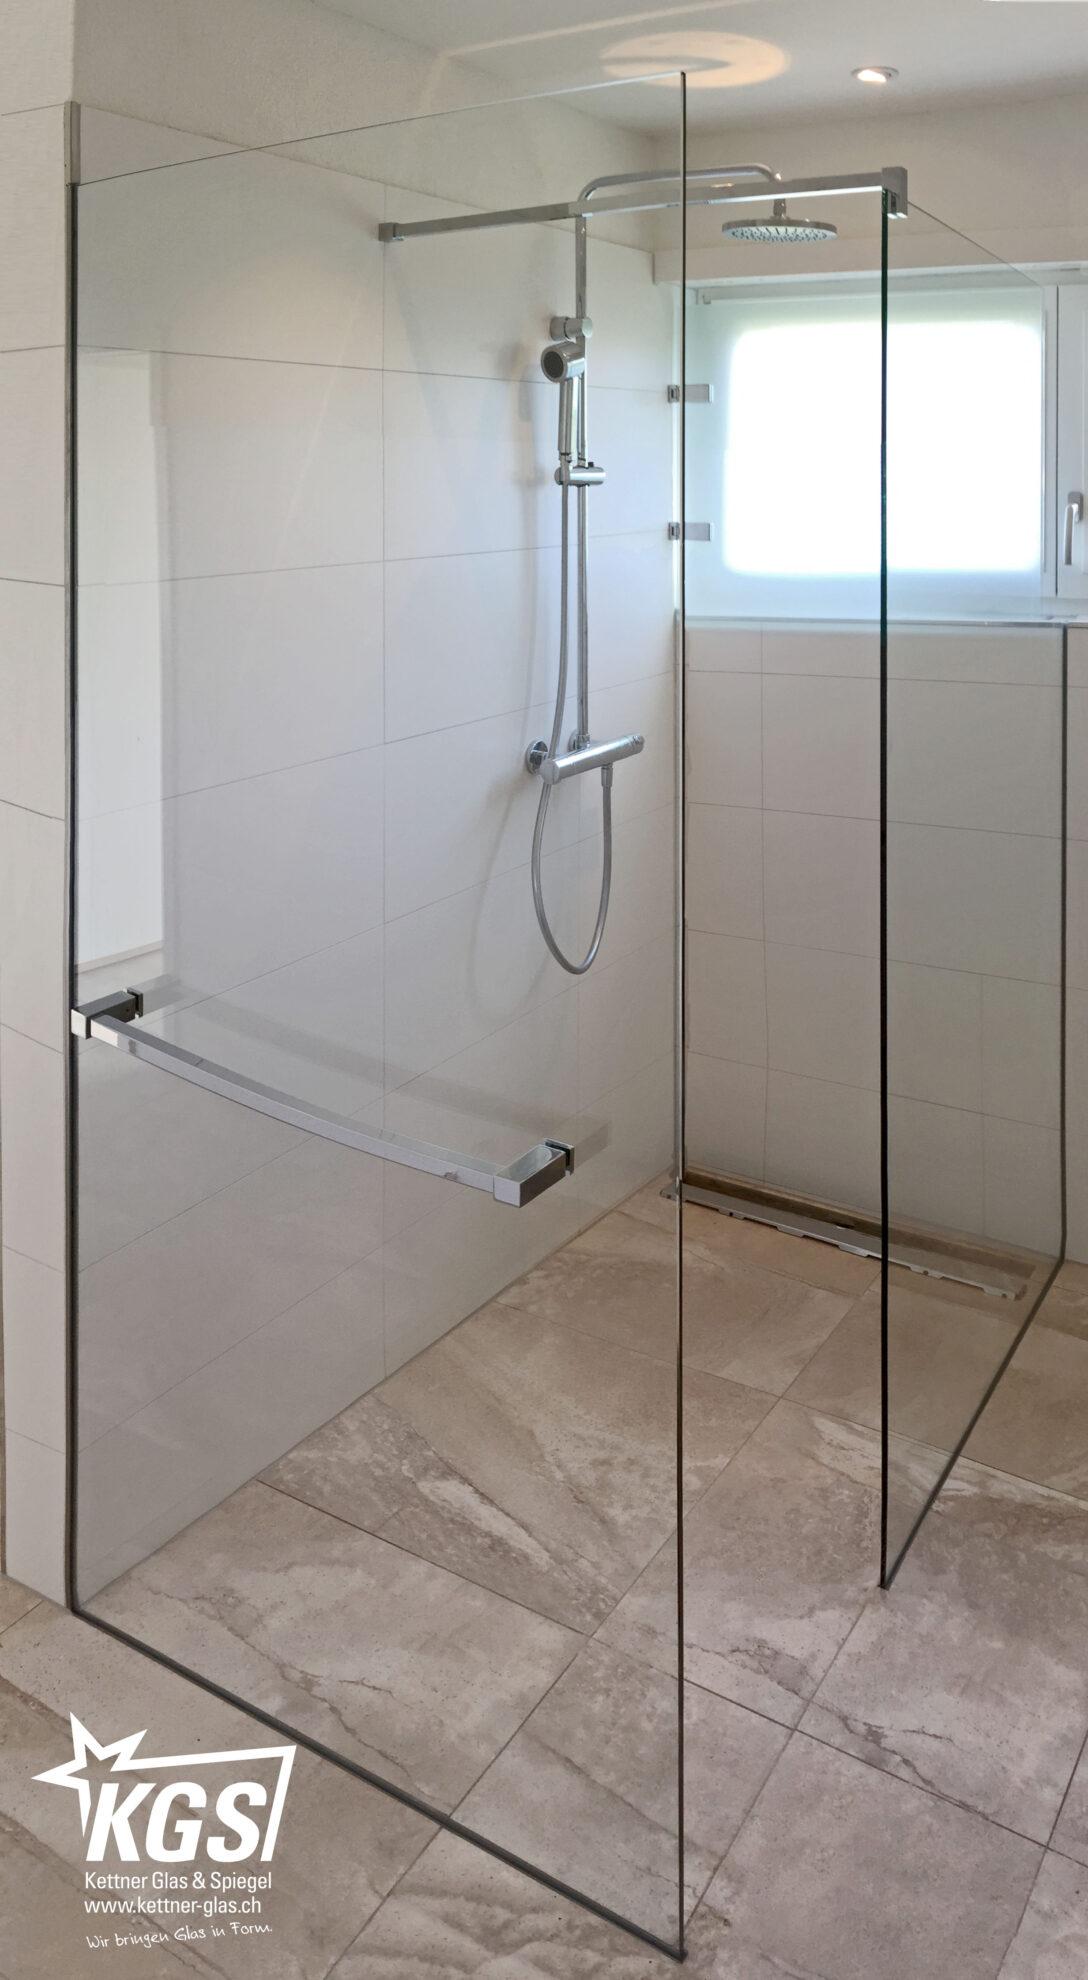 Large Size of Glastrennwnde Duschtrennwnde Aus Klarglas Auch Showerguard Glas Thermostat Dusche Schulte Duschen Bidet Mischbatterie Glaswand Ebenerdige Antirutschmatte Dusche Glaswand Dusche